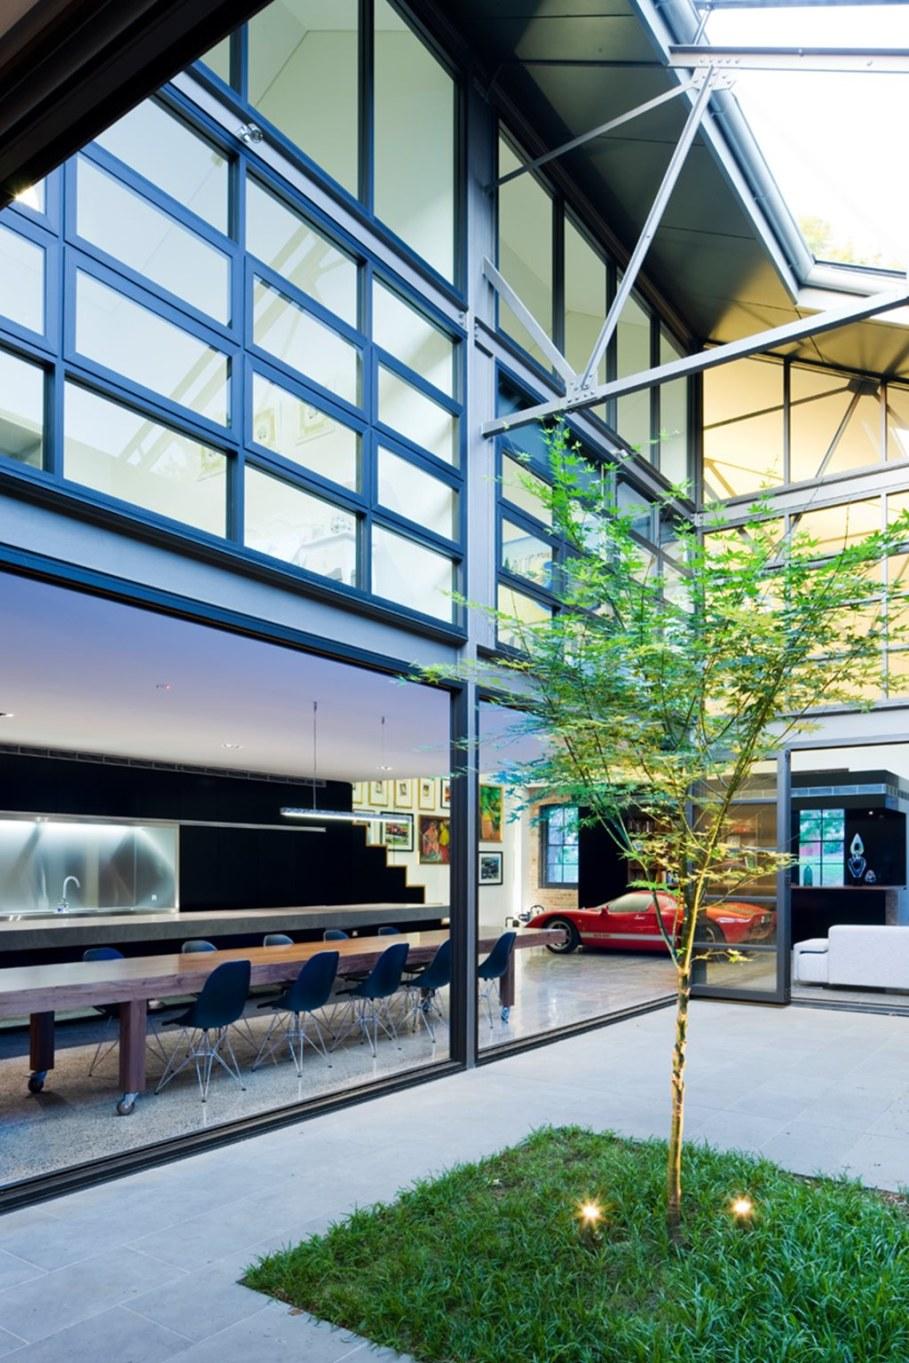 Grand loft house in Australia by Corben Architects studio - Interior